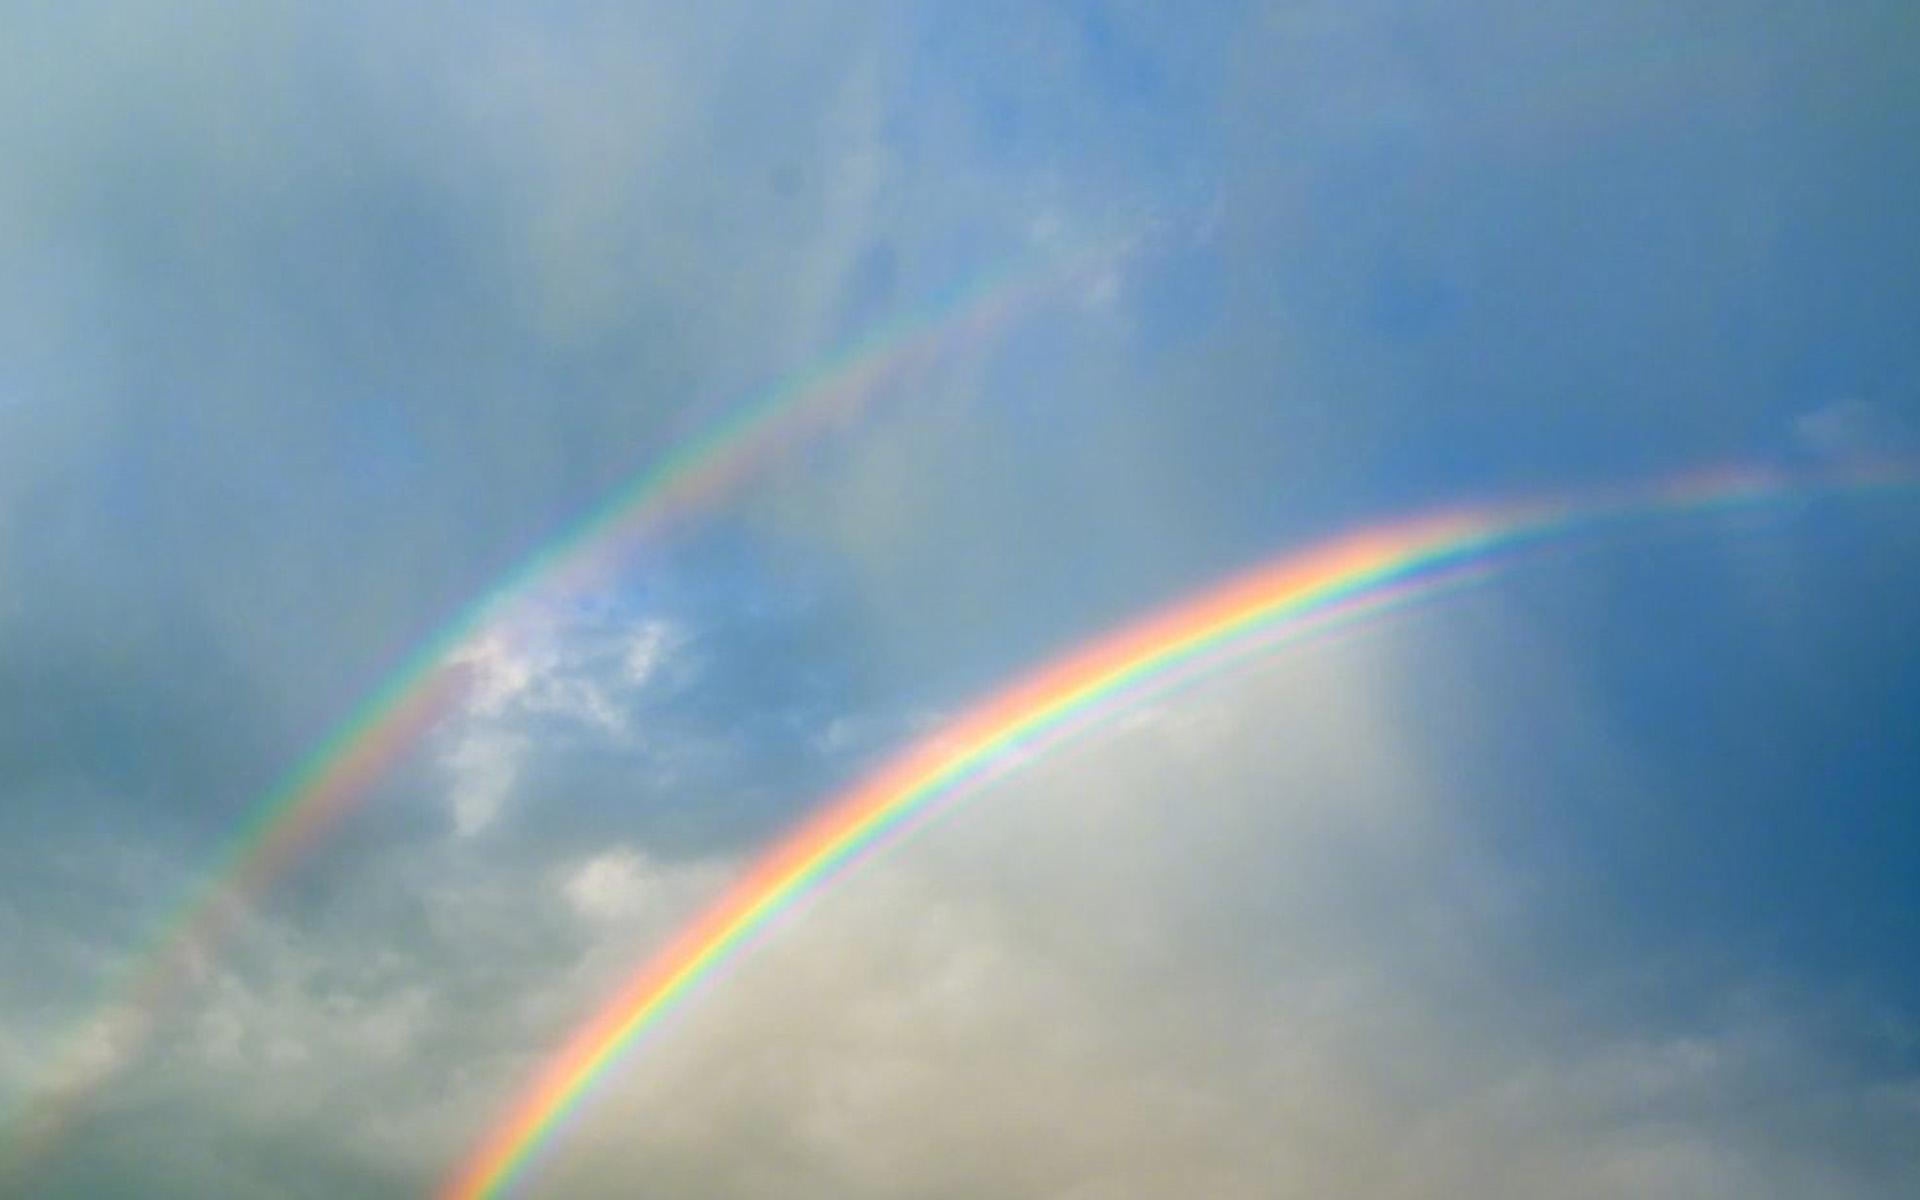 壮观彩虹自然风光护眼手机锁屏壁纸